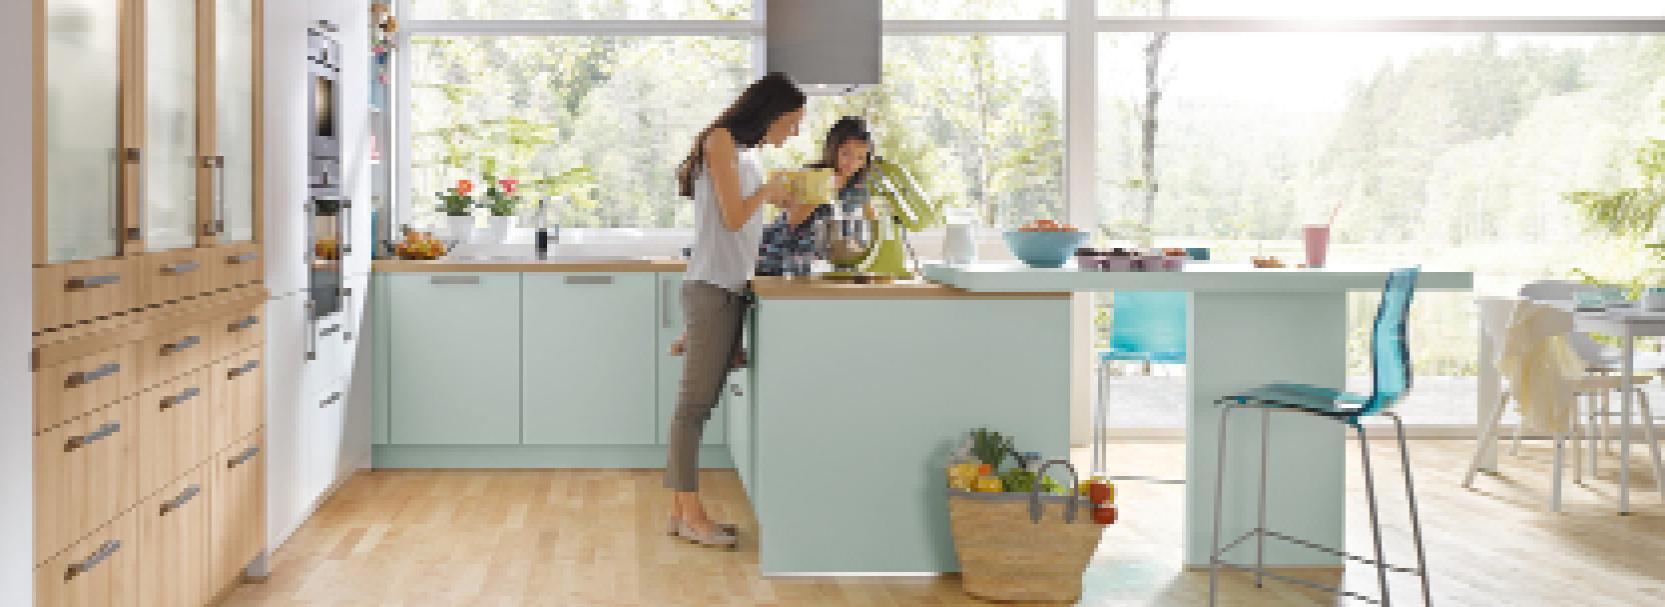 Der neue Küchentrend - der Genussraum